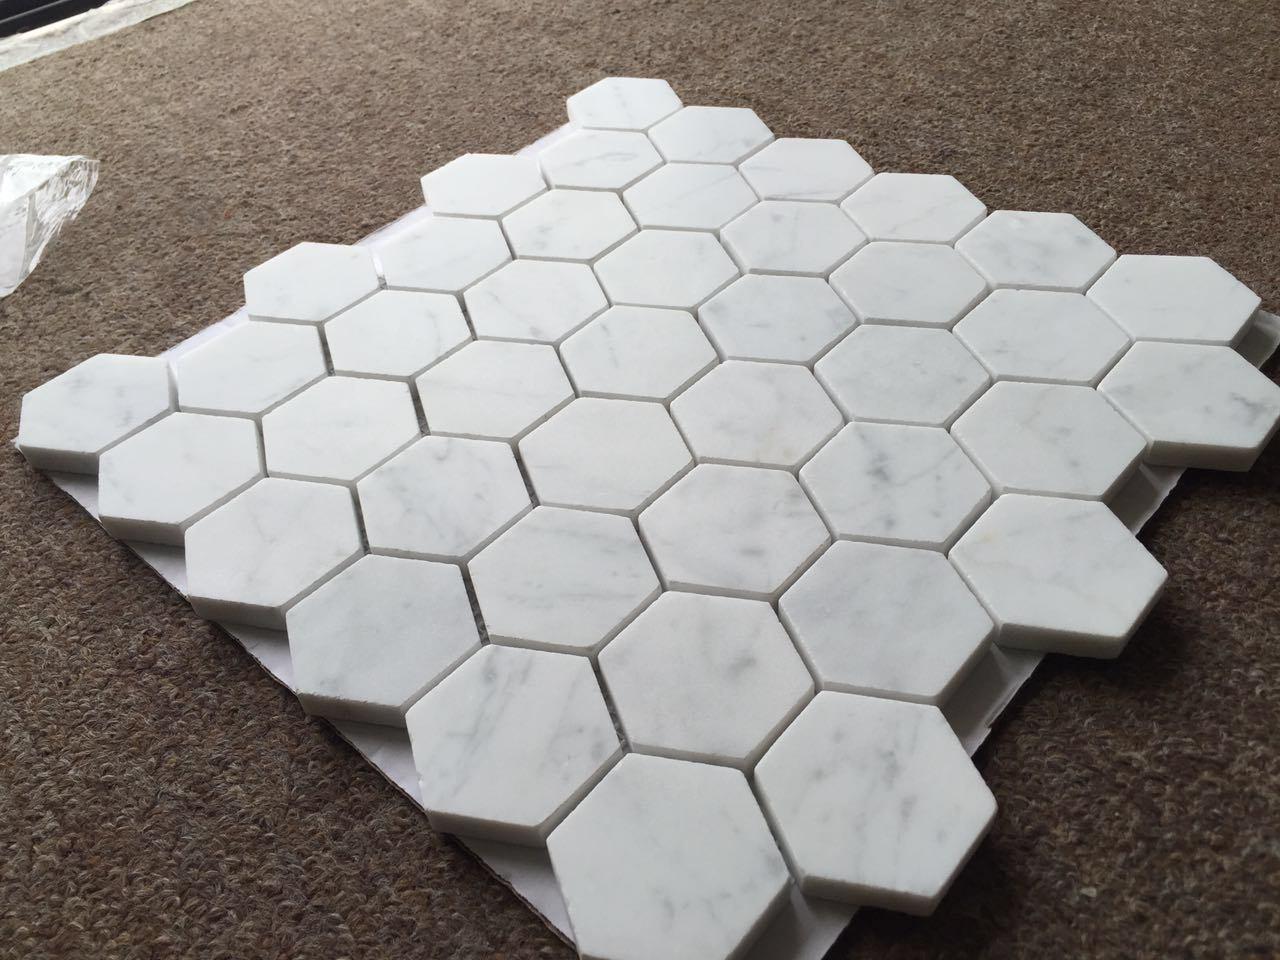 Foto de azulejo de m rmol blanco del mosaico hexagonal del - Azulejos de marmol ...